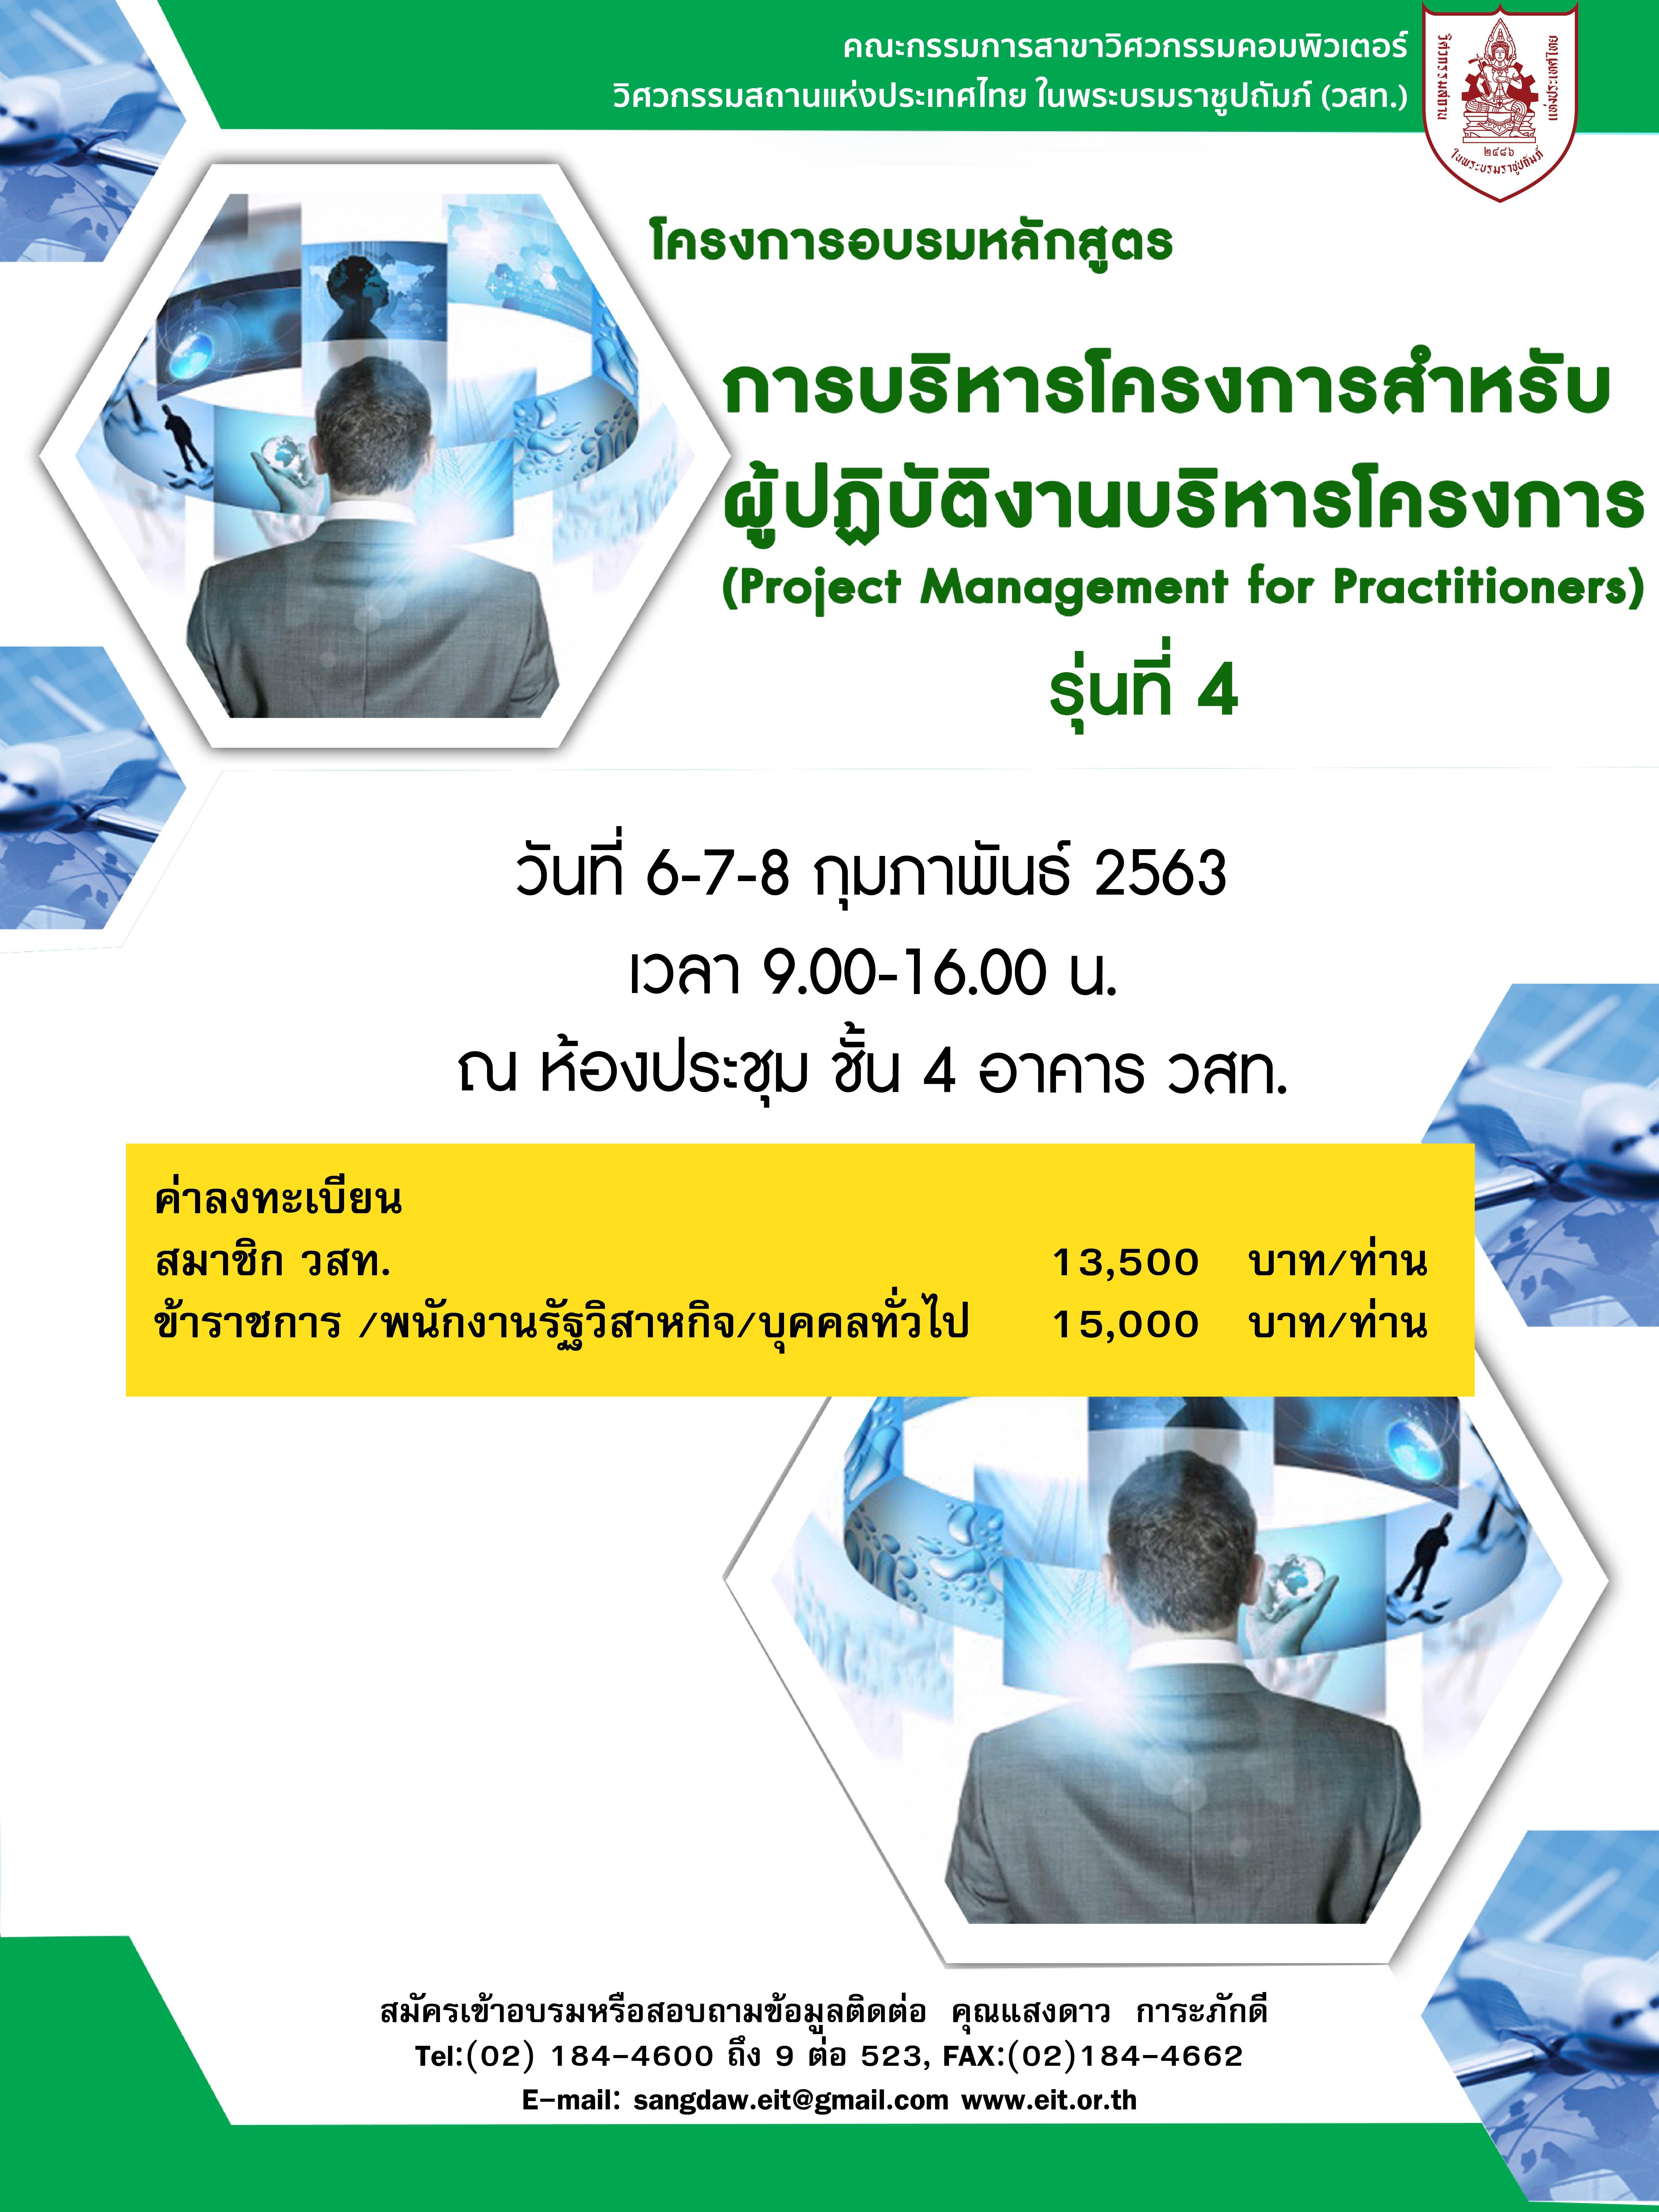 6-8/02/2563 การบริหารโครงการสำหรับผู้ปฏิบัติงานบริหารโครงการ  (Project Management for Practitioners) รุ่นที่ 4